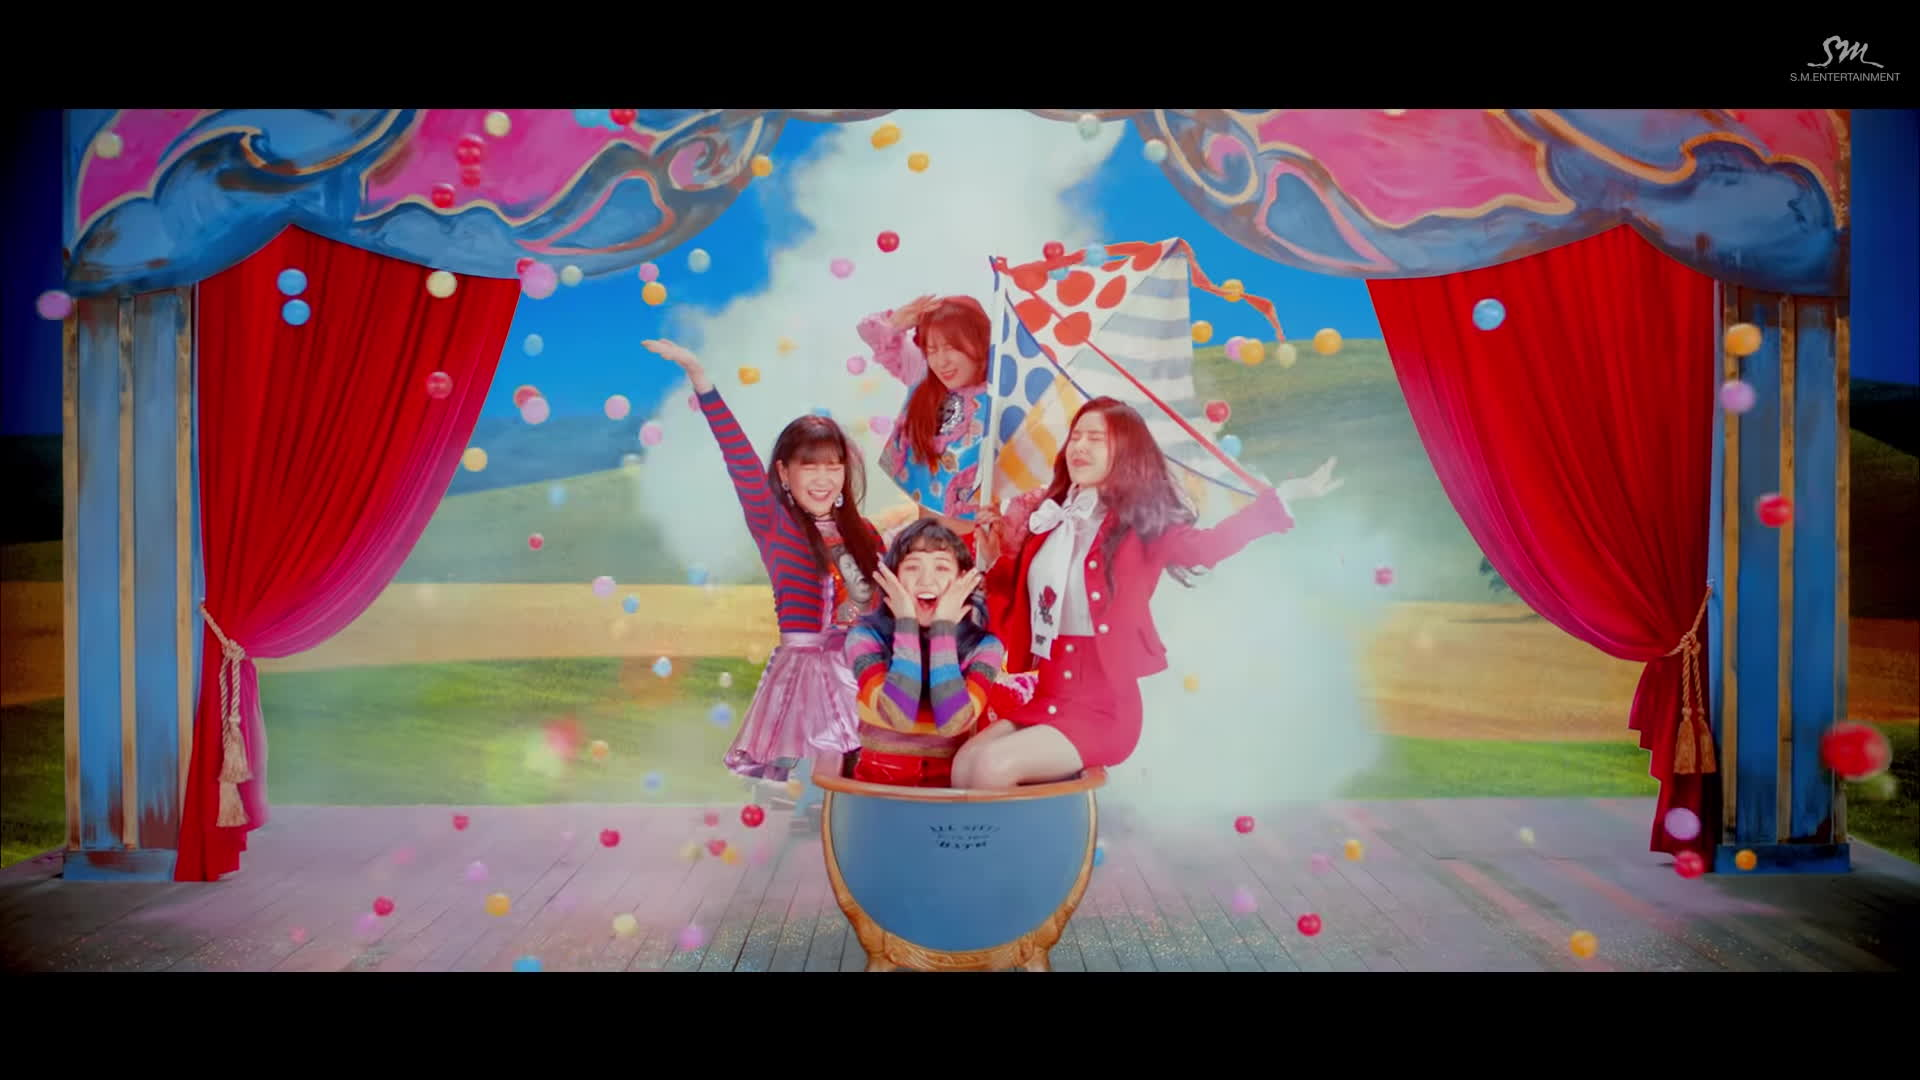 Mở hàng ấn tượng cho team gái chất, Red Velvet chạm nóc MelOn chỉ sau 5 phút comeback! ảnh 2